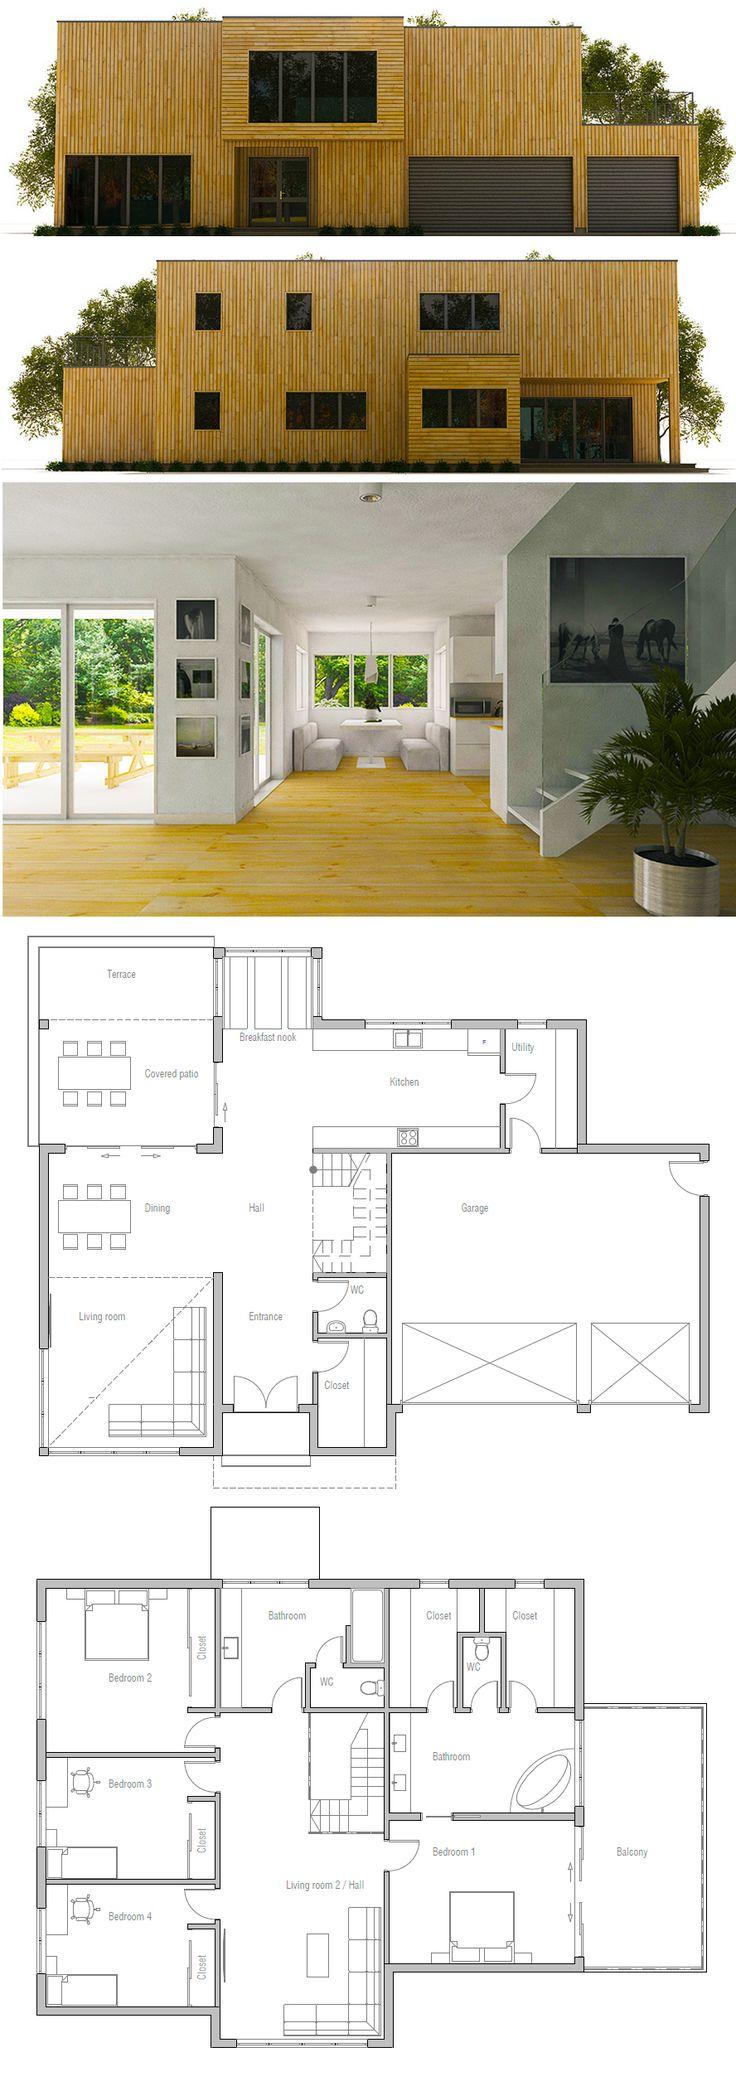 Haus pläne haus bauen grundrisse wohnen home pläne grundrisse behälter projekte wohnungen